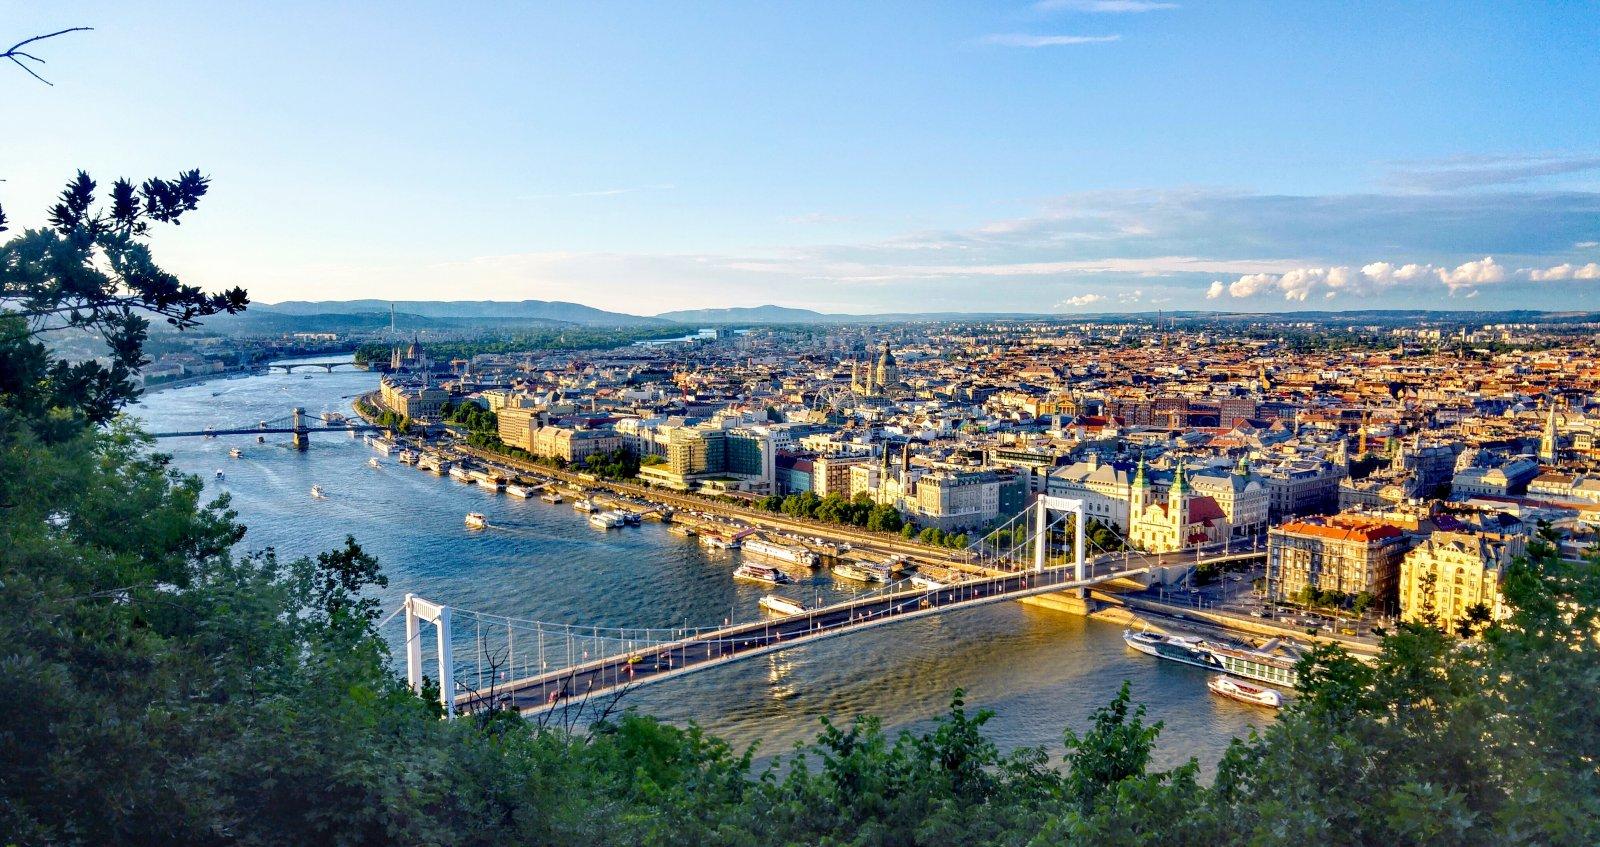 Знакомство с Будапештом — «жемчужиной Дуная» Классическая обзорная автомобильно-пешеходная экскурсия